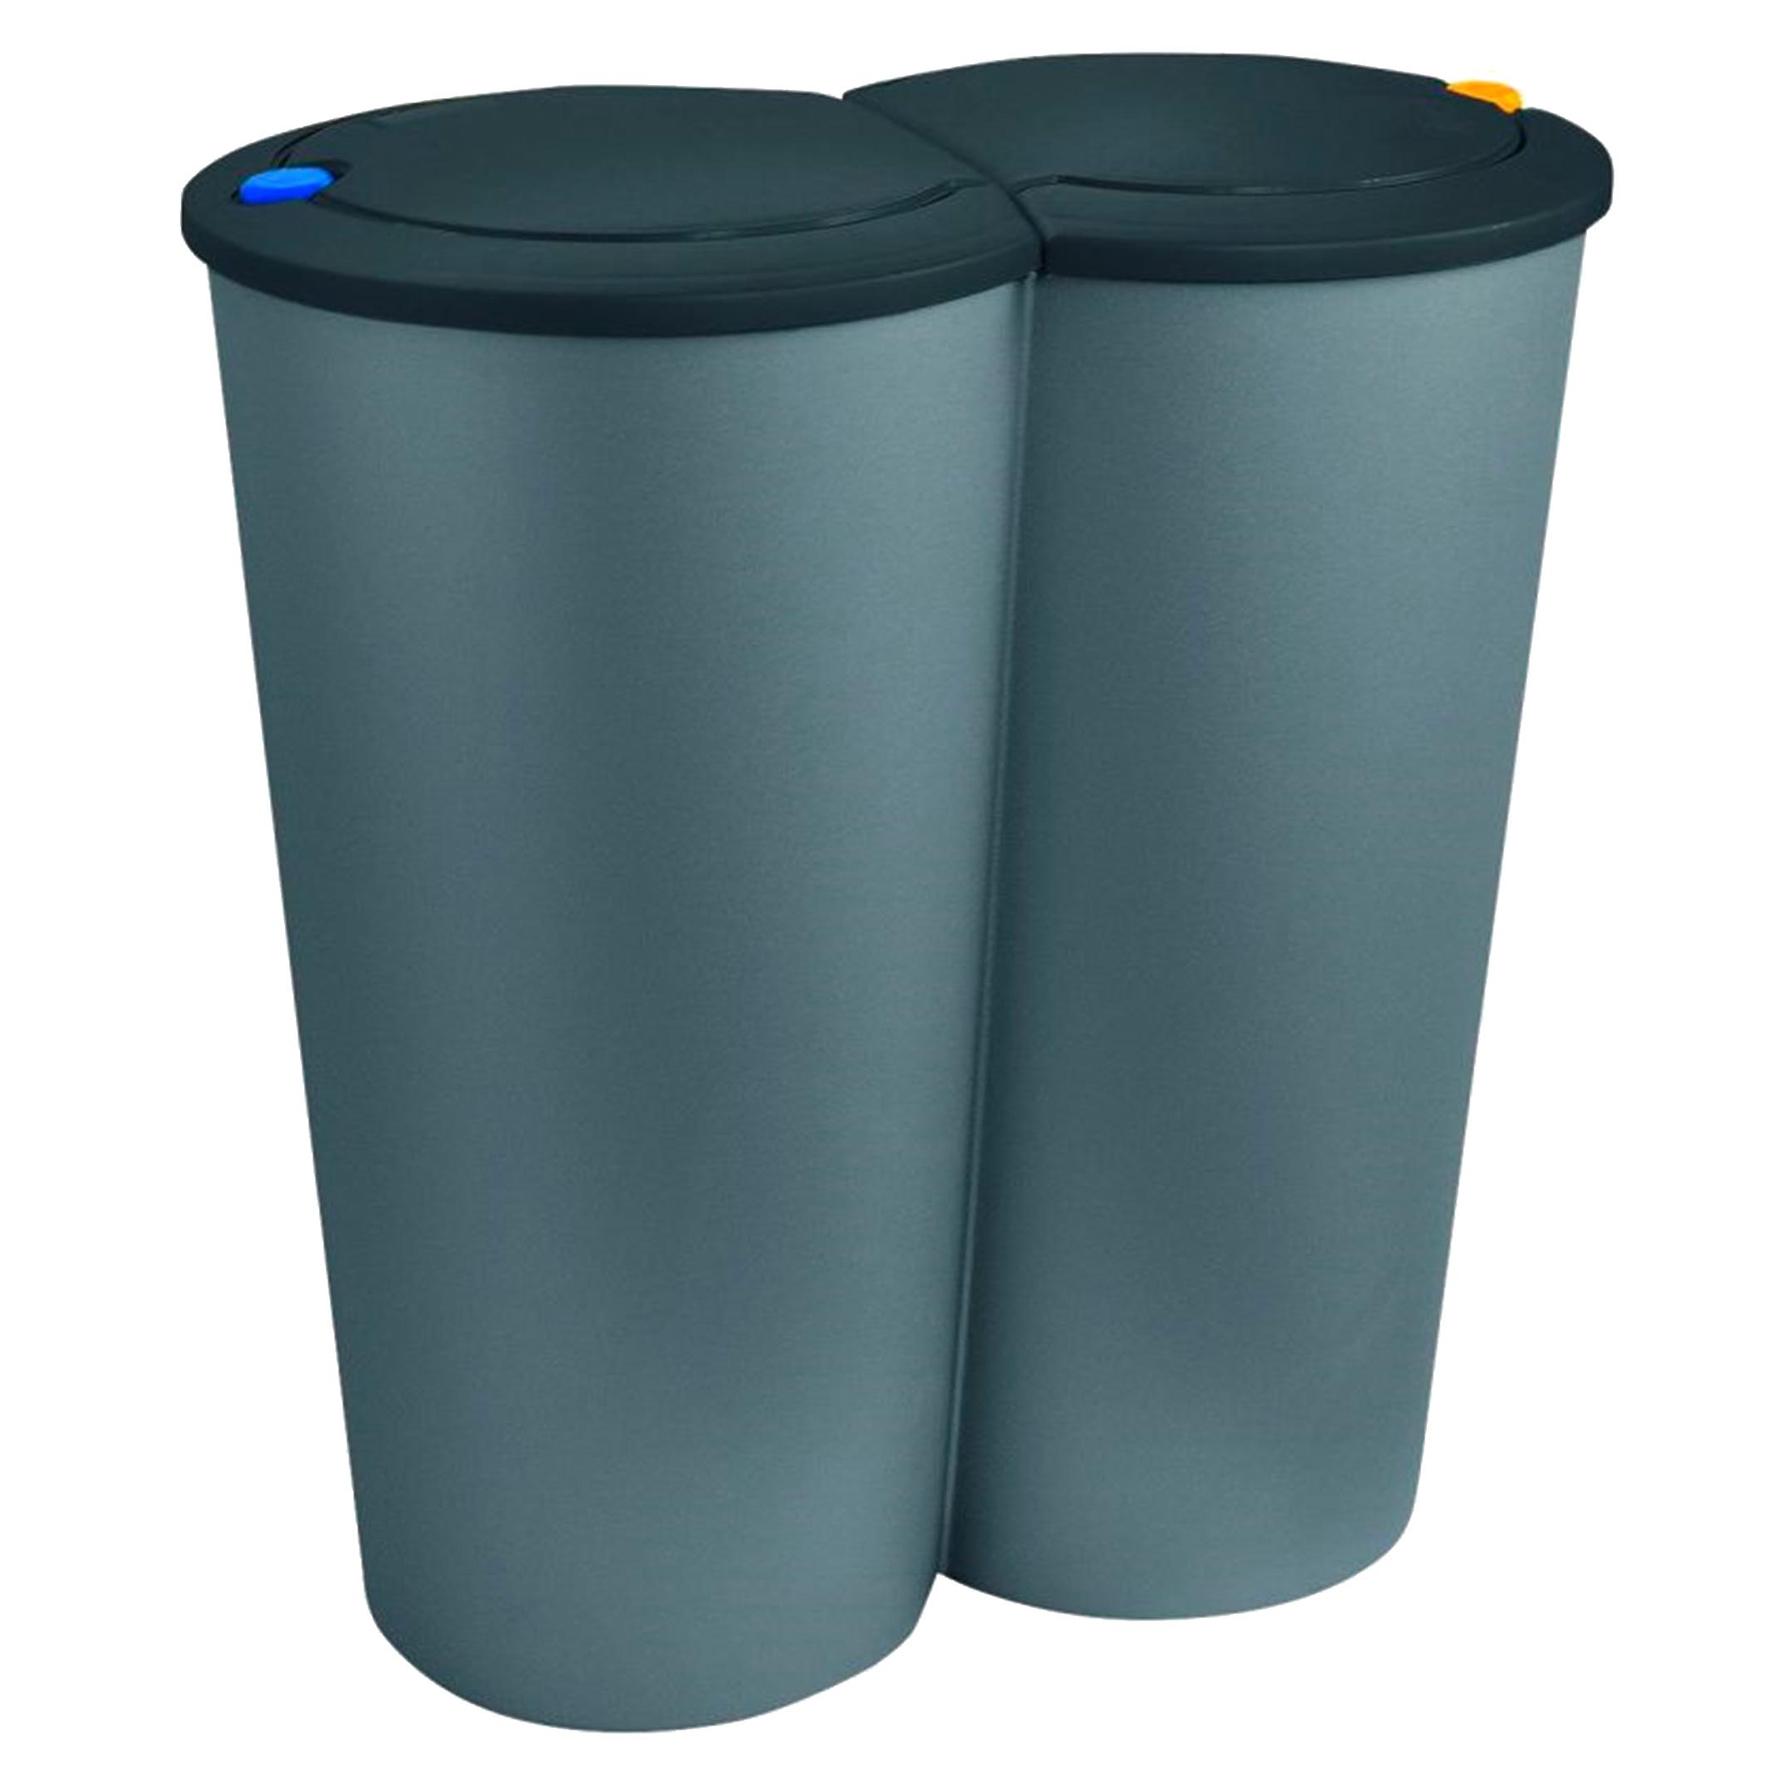 Full Size of Doppel Mlleimer Abfalleimer Duo Silber 225 Liter Einbau Mülleimer Küche Doppelblock Wohnzimmer Doppel Mülleimer